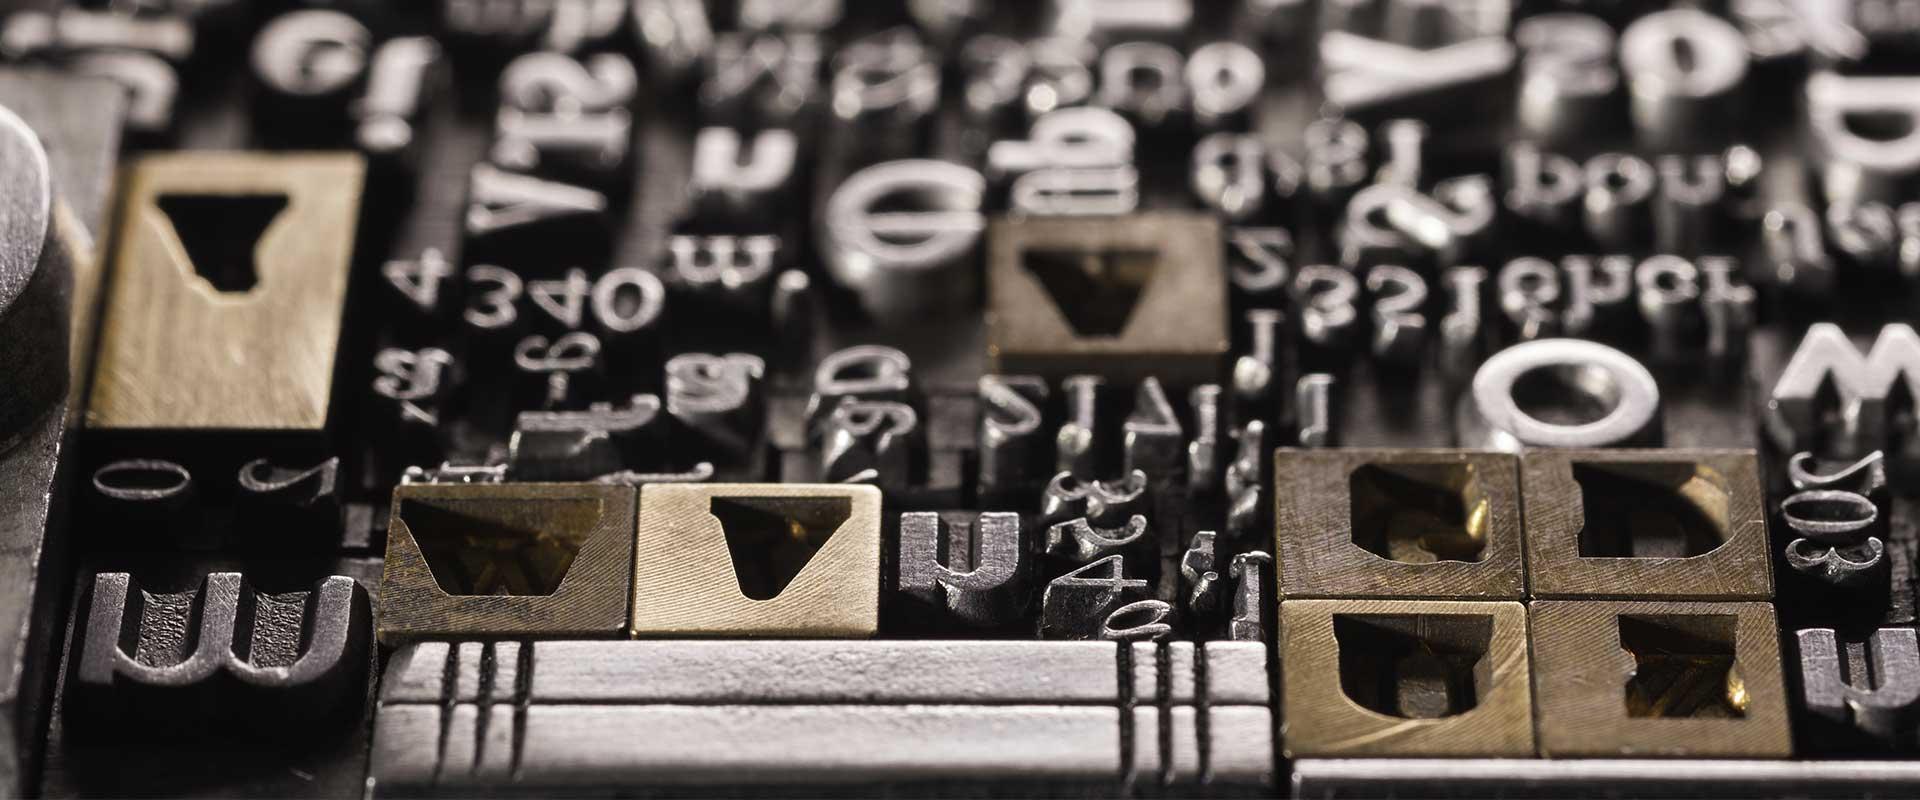 Okładka serii artykułów Darmowe fonty z polskimi znakami